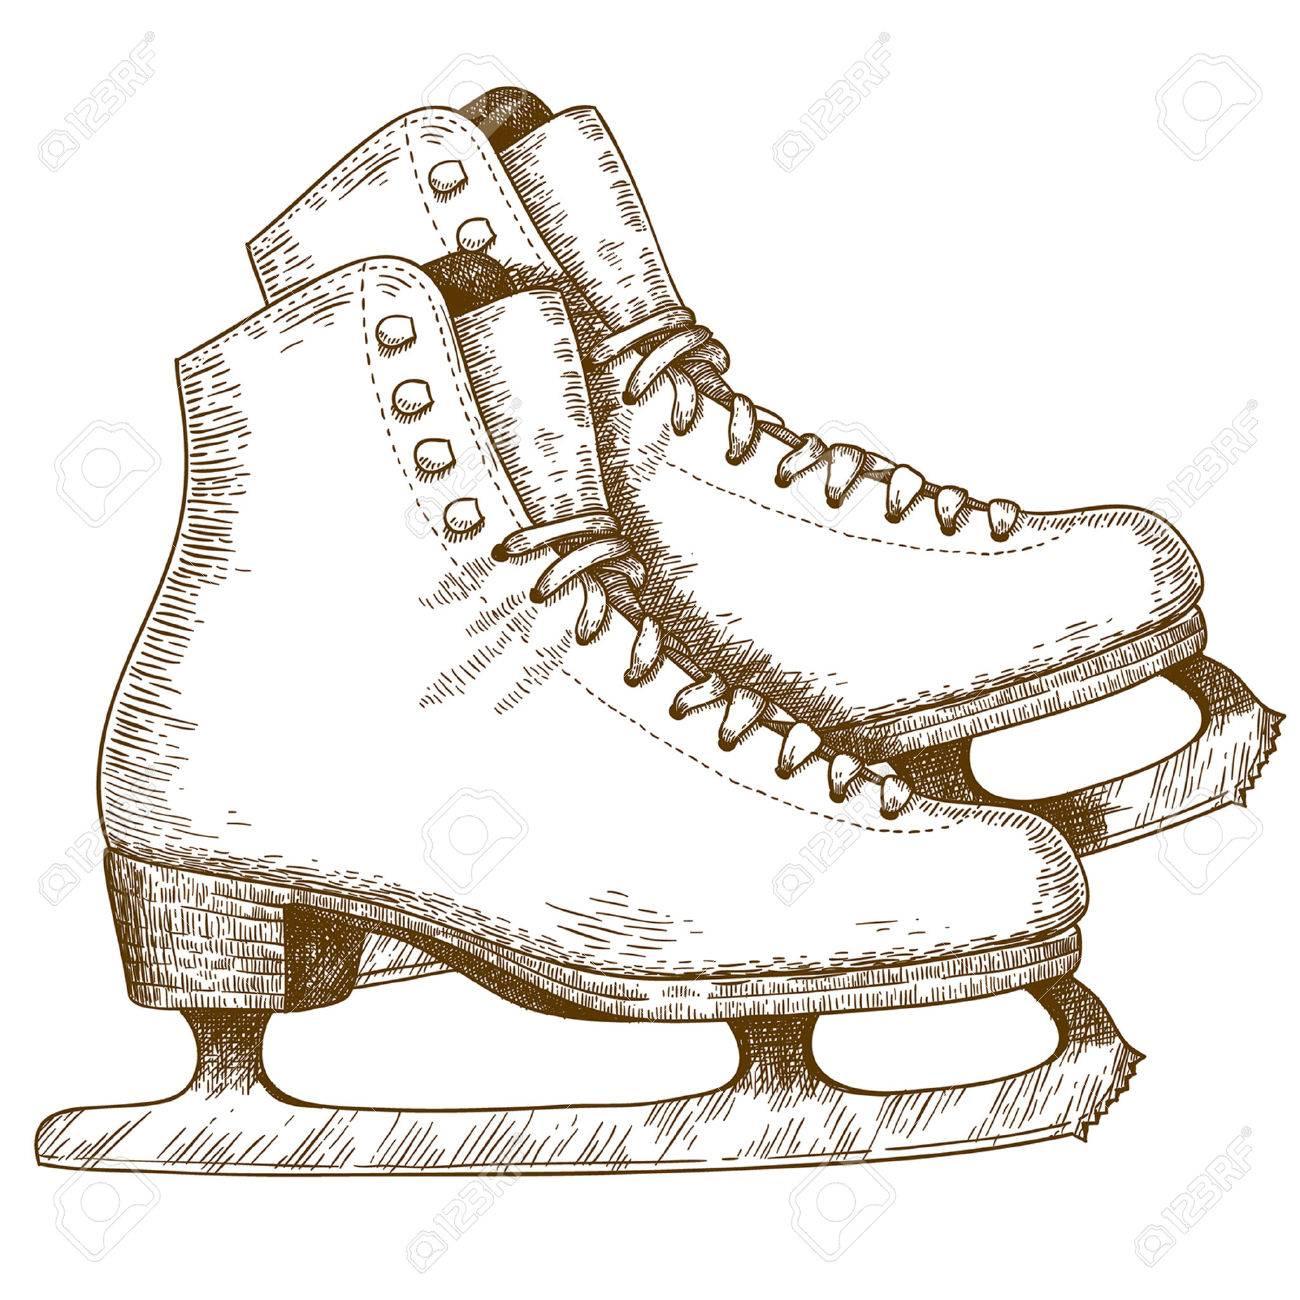 Figure Ice Skates Stock Illustrations – 3,075 Figure Ice Skates Stock  Illustrations, Vectors & Clipart - Dreamstime